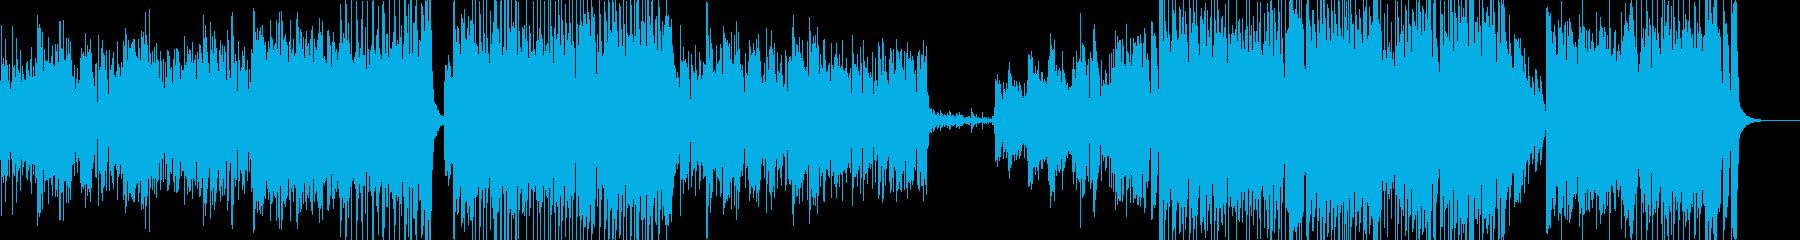 ピアノ主体のラテンなアップテンポの再生済みの波形